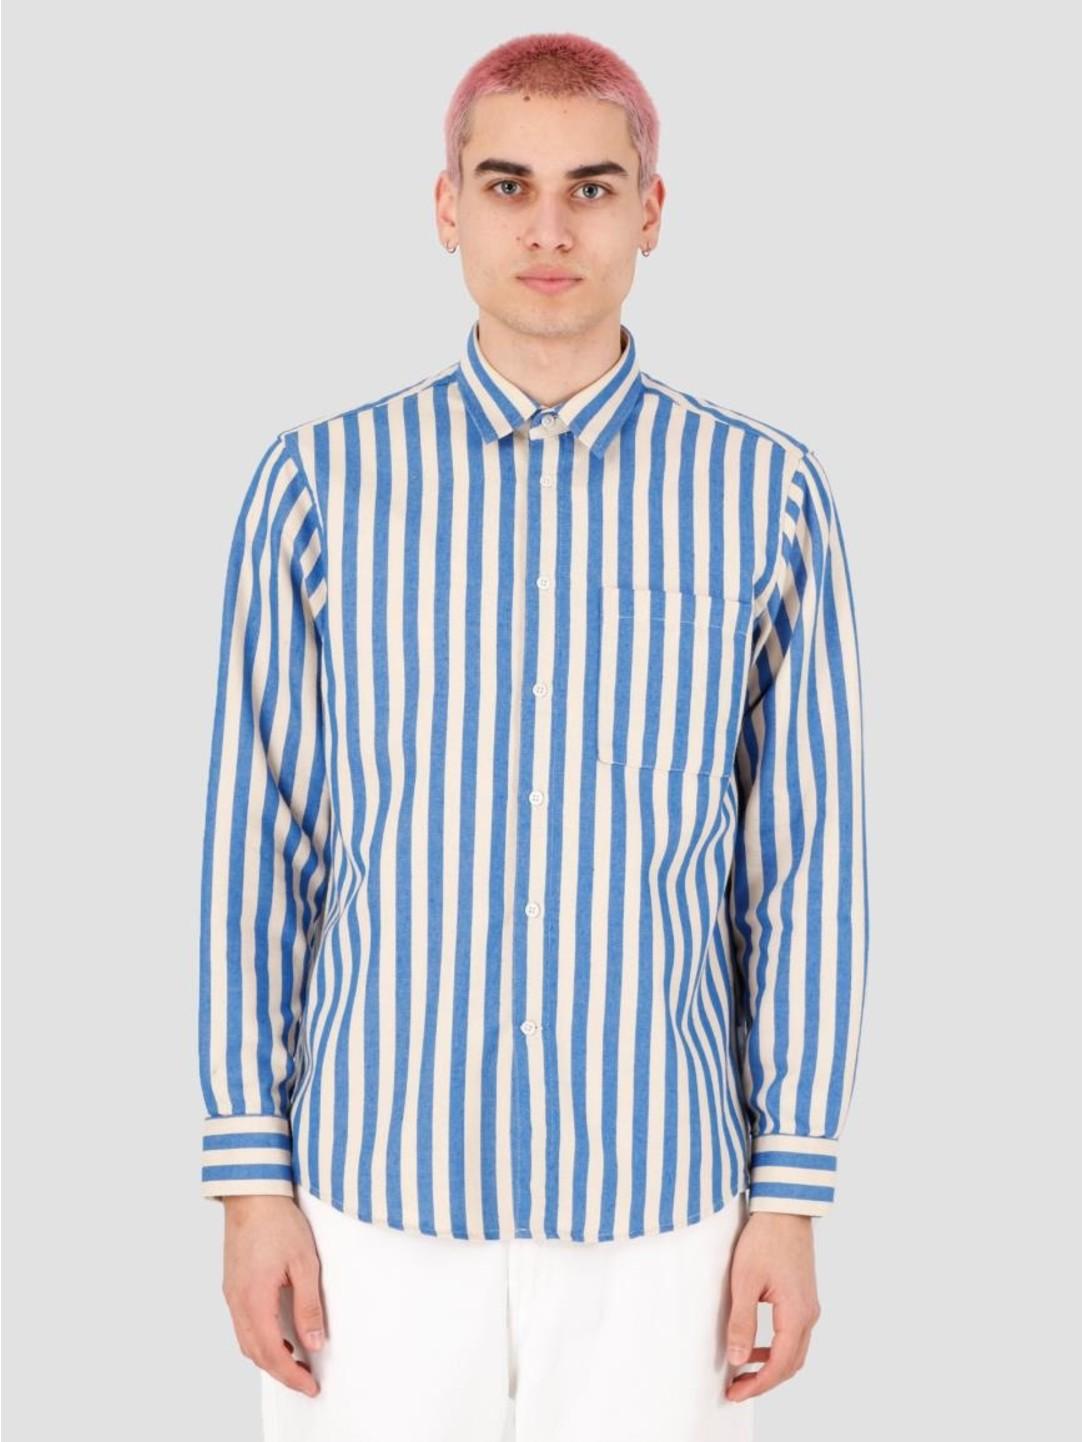 EU FC EU FC Camoes Stripe Shirt Blue Beige